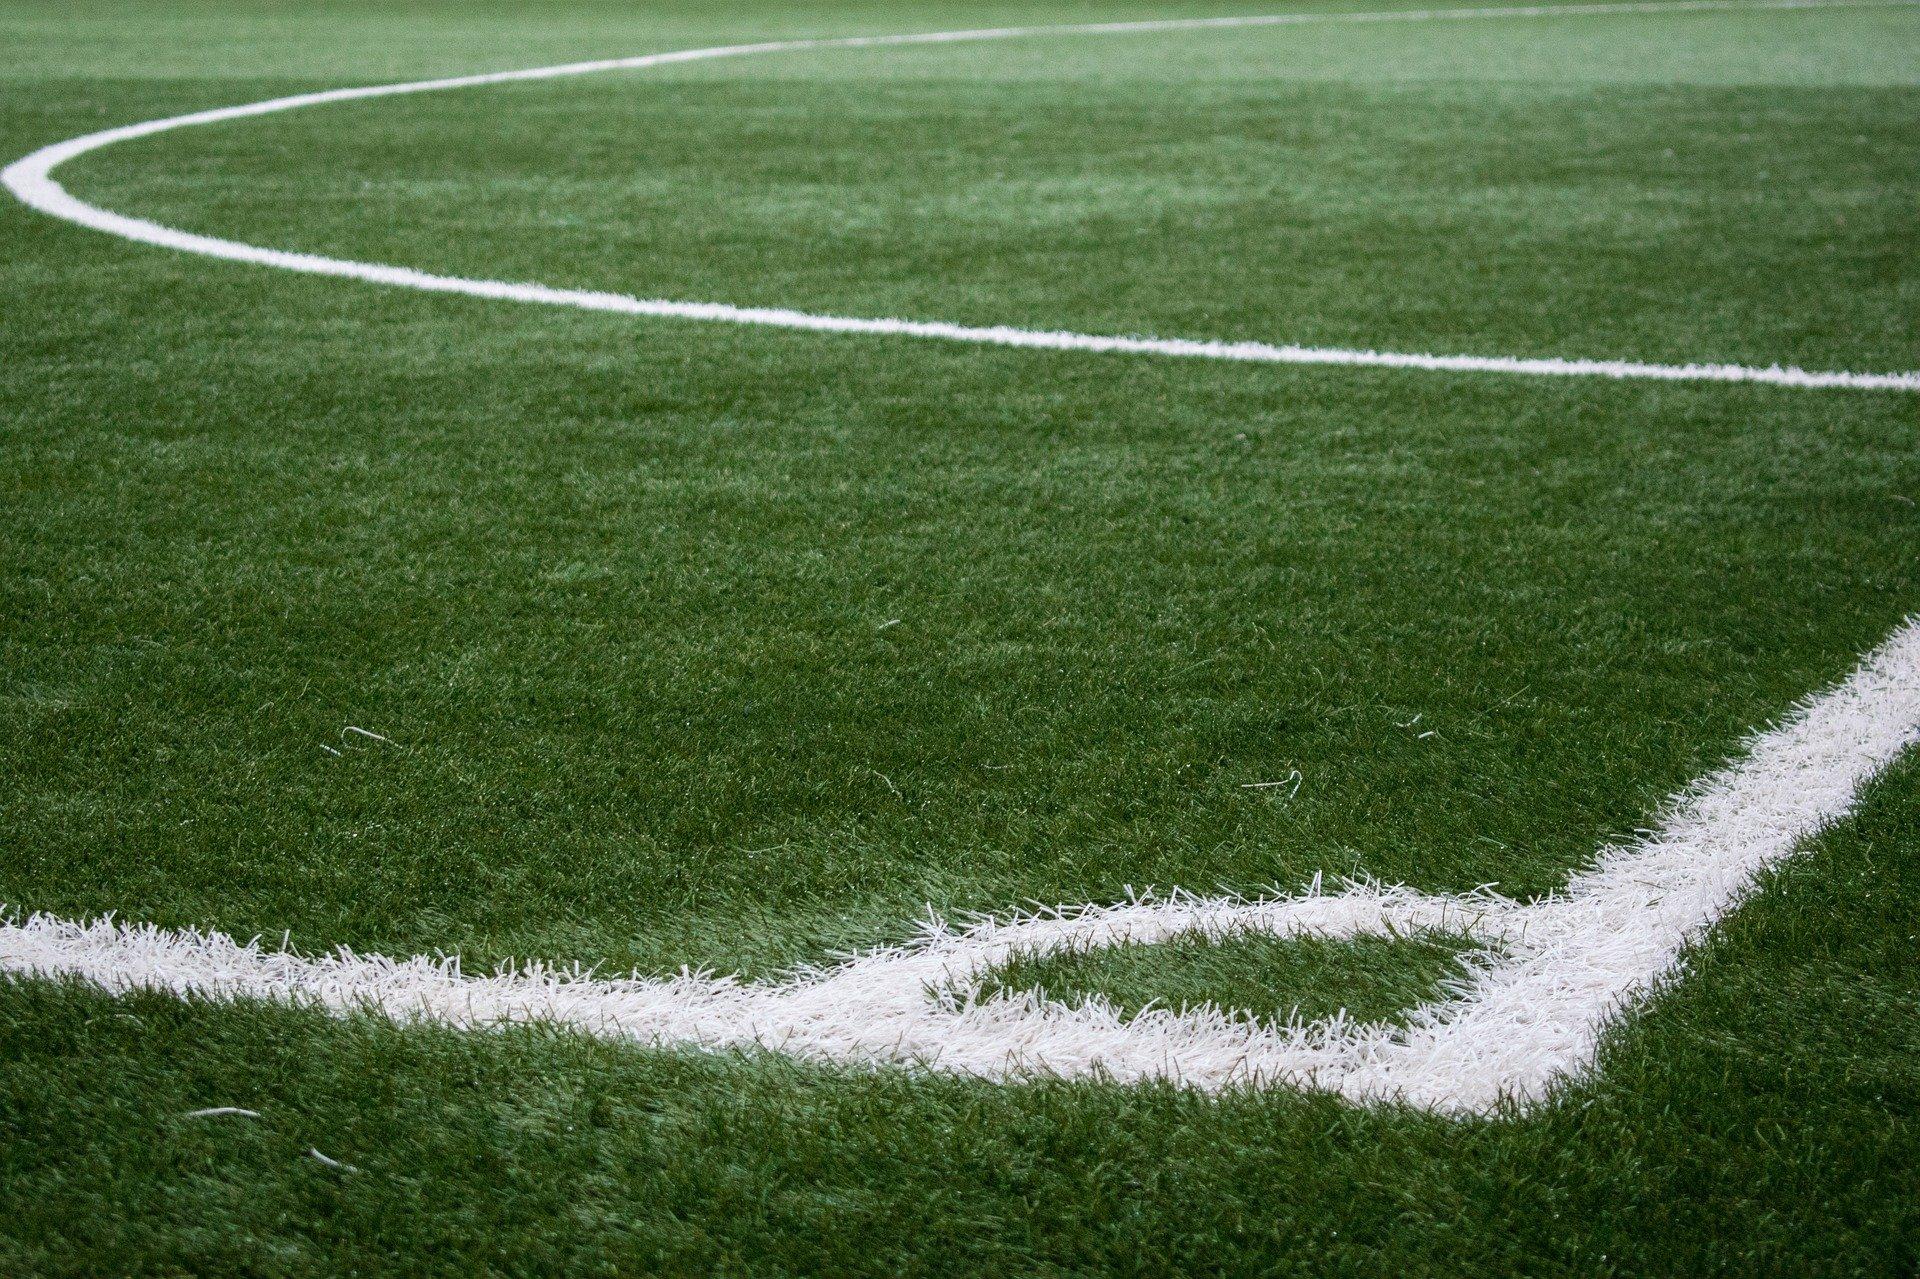 Ølstykke FC søger cheftræner til klubbens herresenior-afdeling